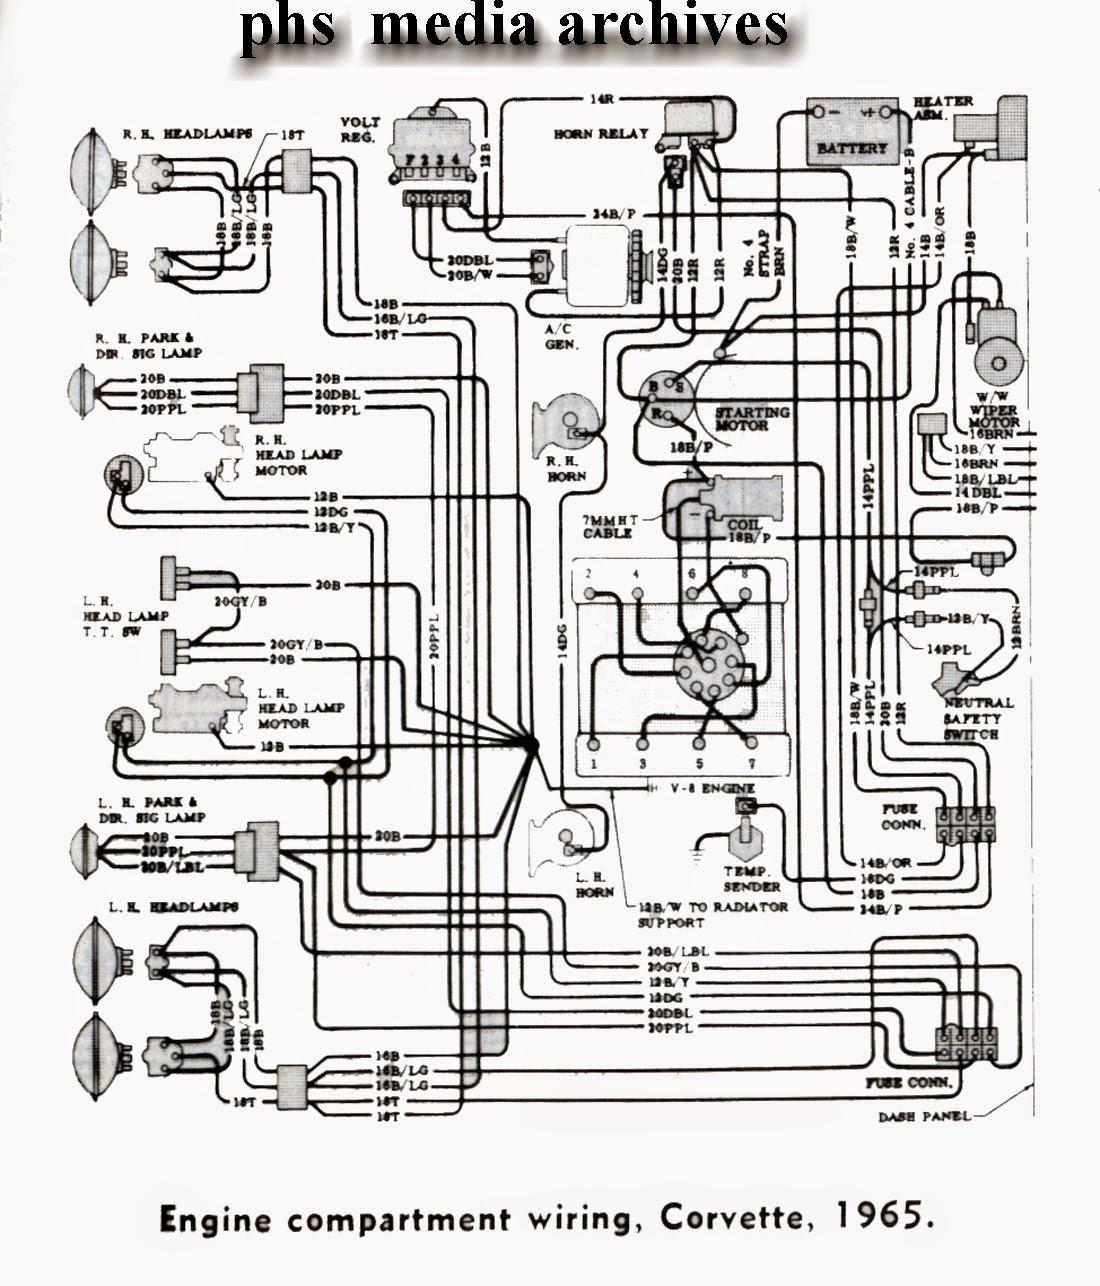 1976 camaro wiring diagram detailed schematic diagrams 1988 camaro wiring  diagram 1971 camaro wiring diagrams hvac